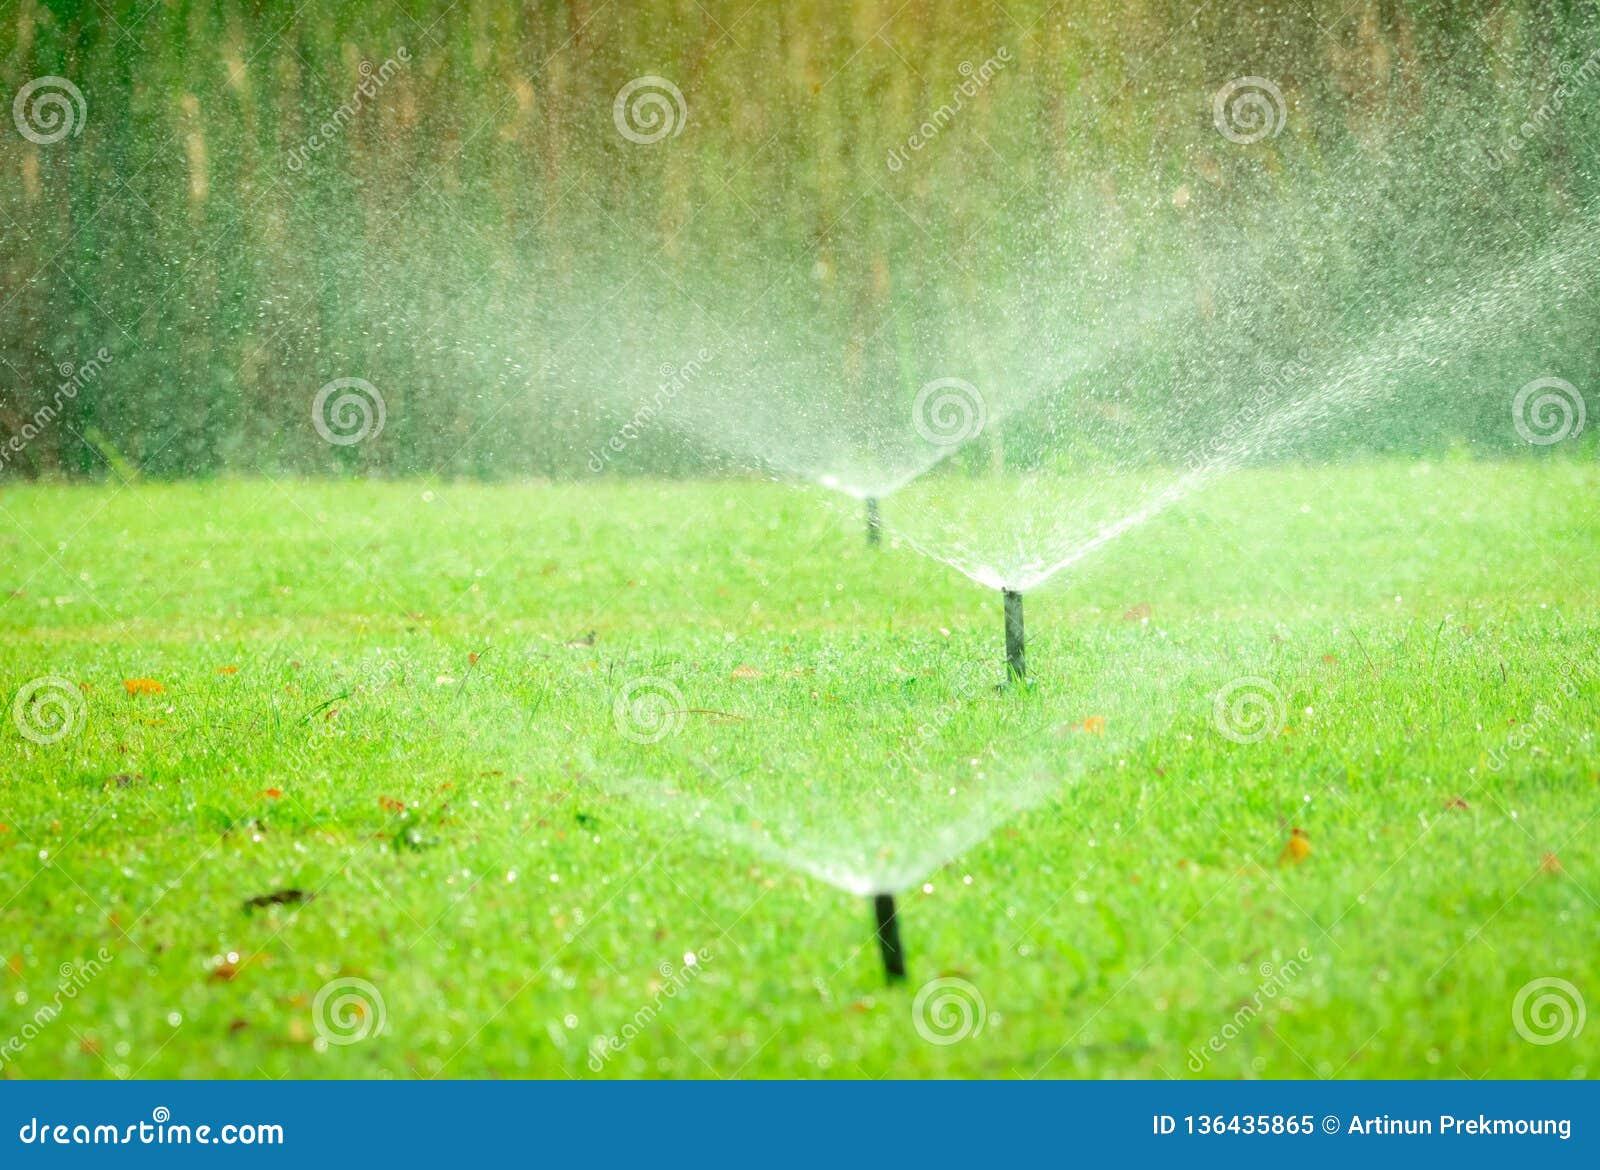 Home Sprinkler Installation